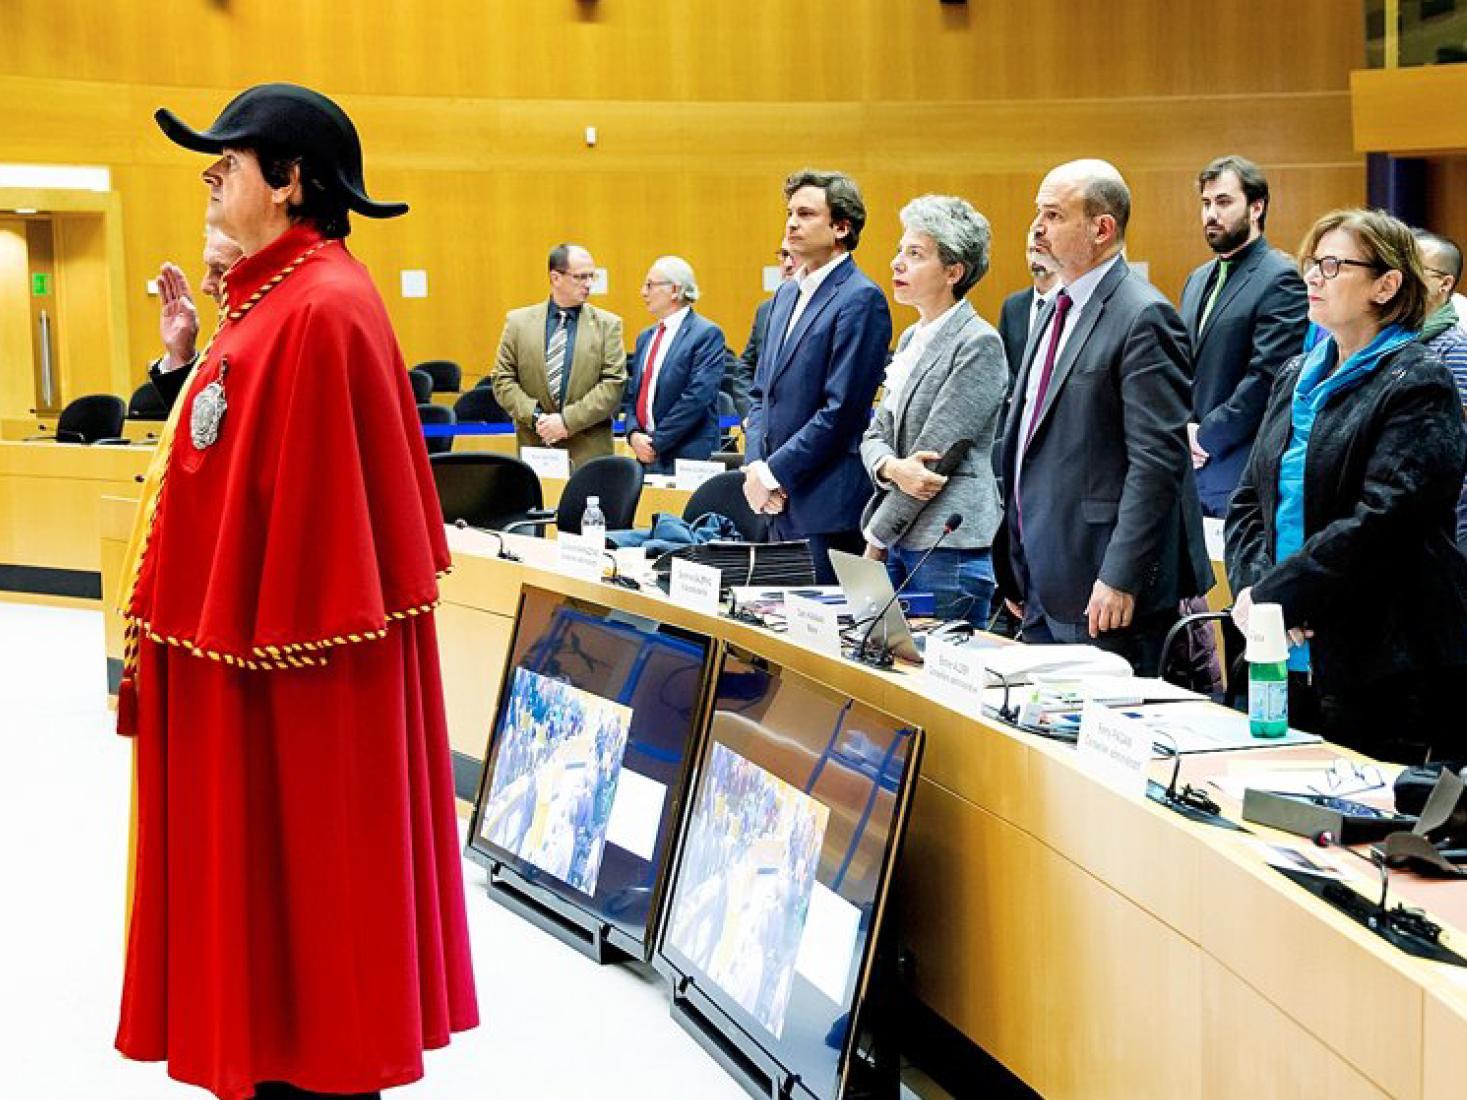 La représentativité des candidat-e-s aux élections du Conseil administratif de la Ville de Genève